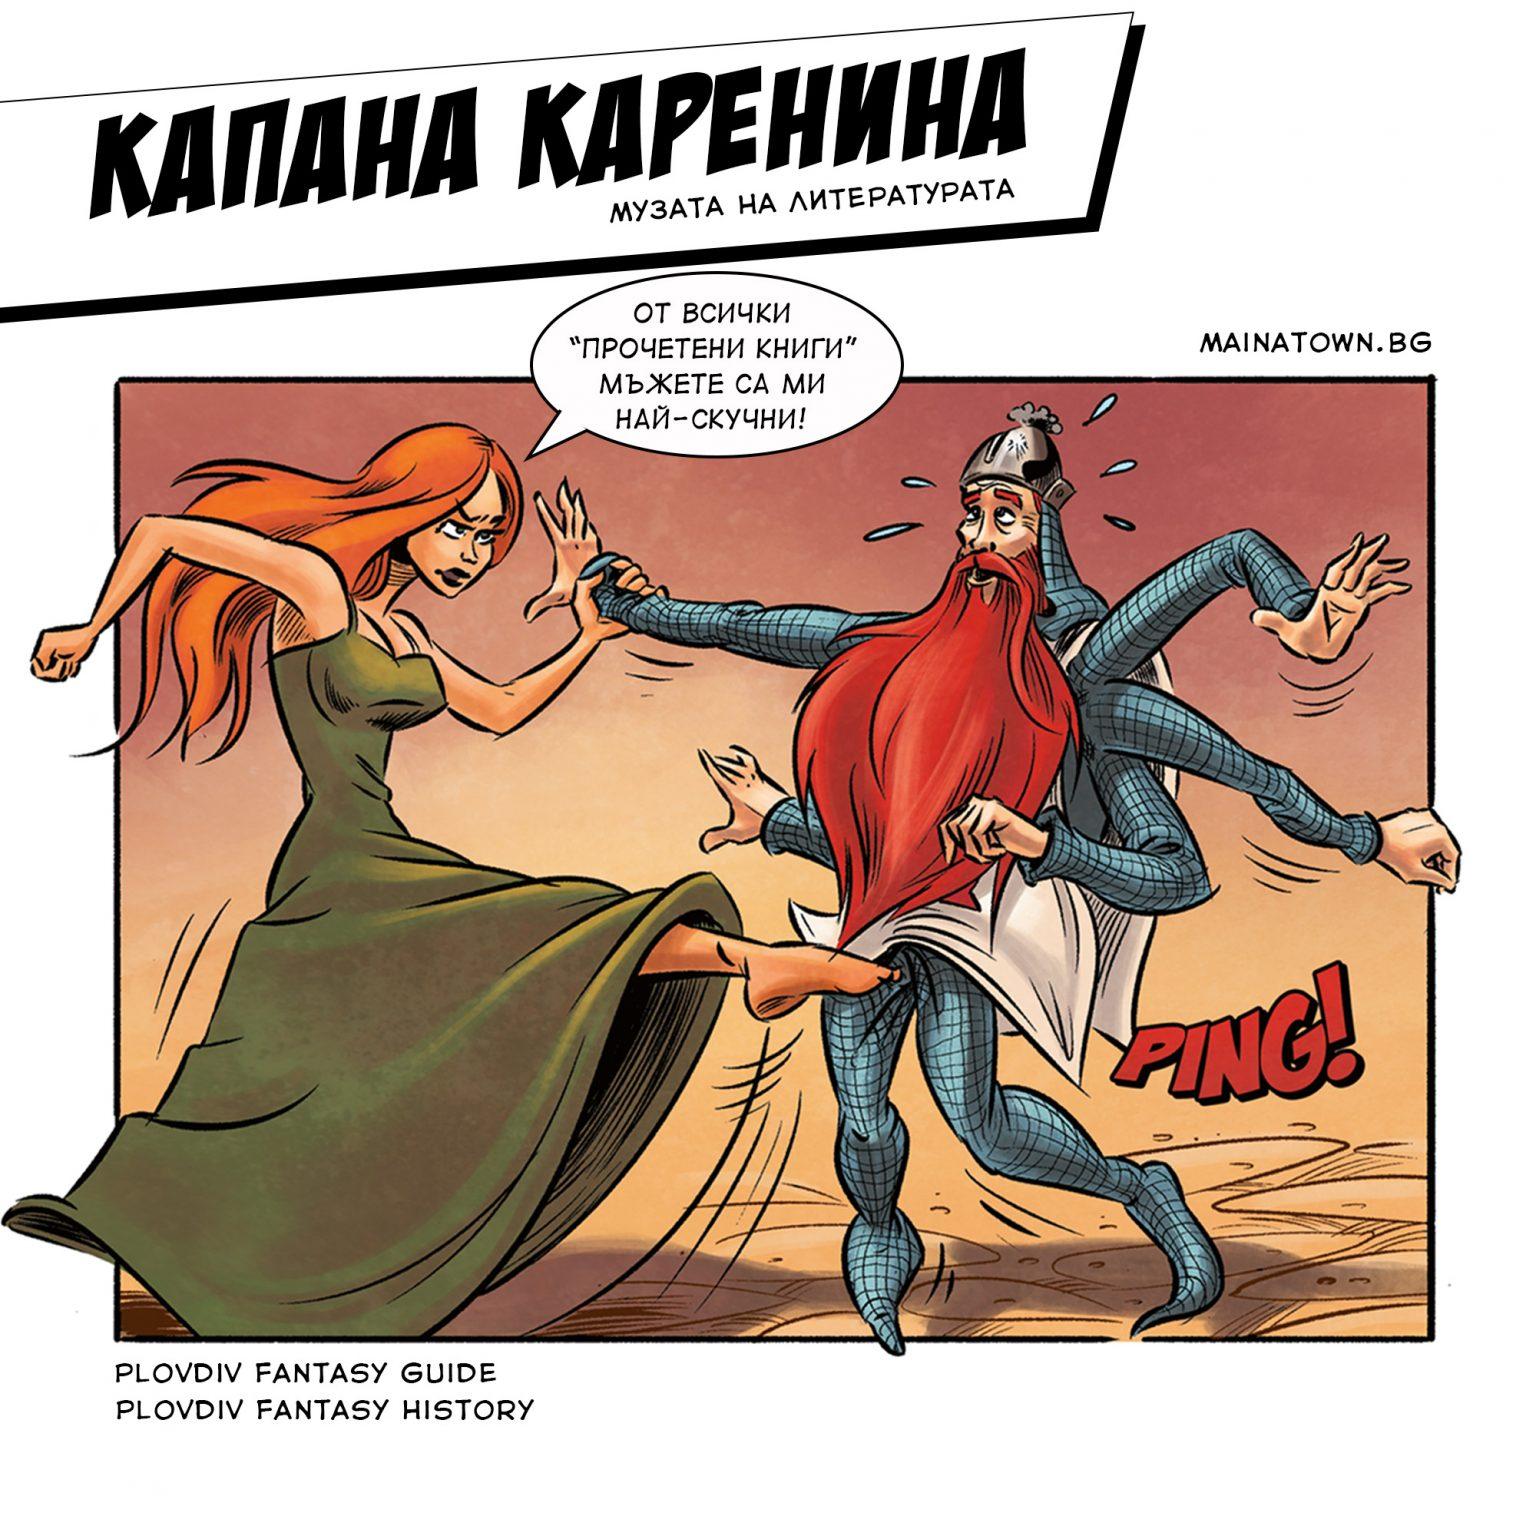 Kapana Karenina